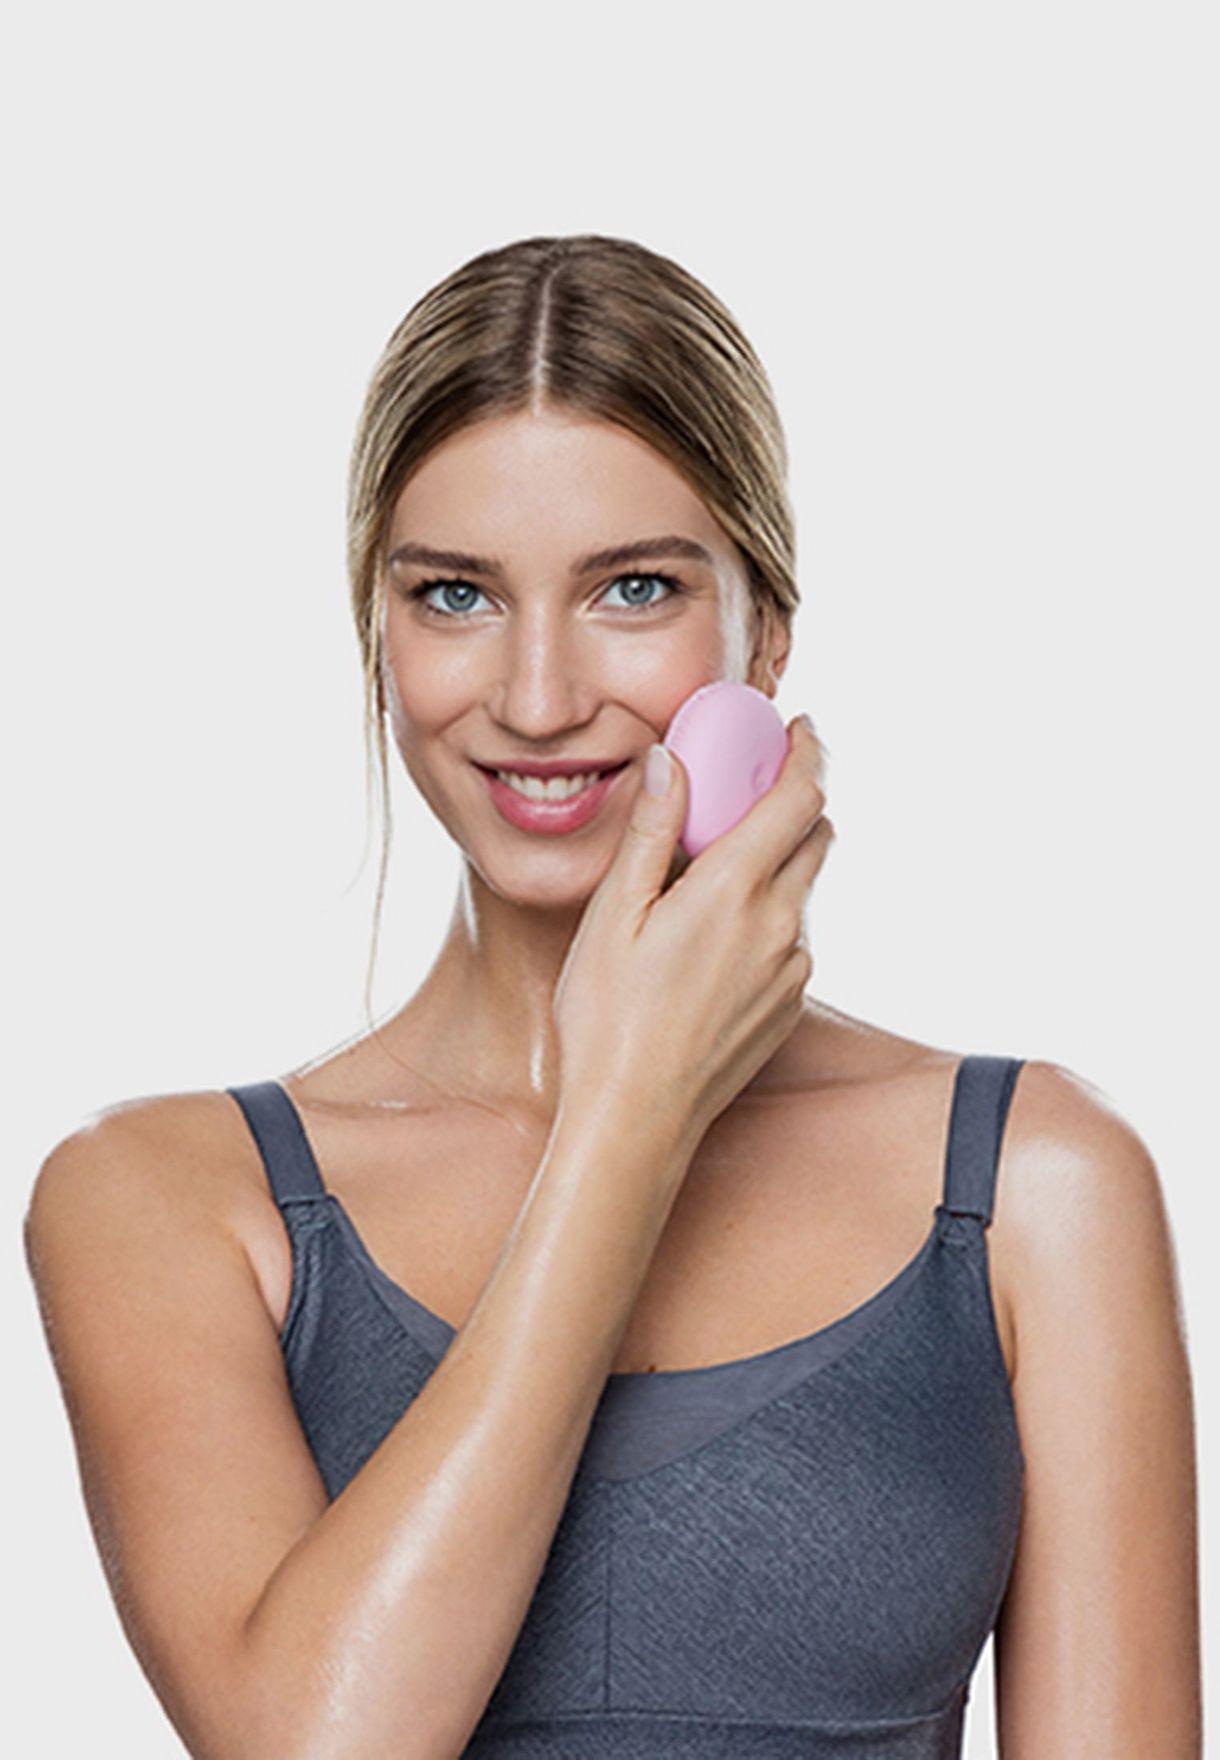 LUNA play plus Facial Cleansing Brush - Pearl Pink